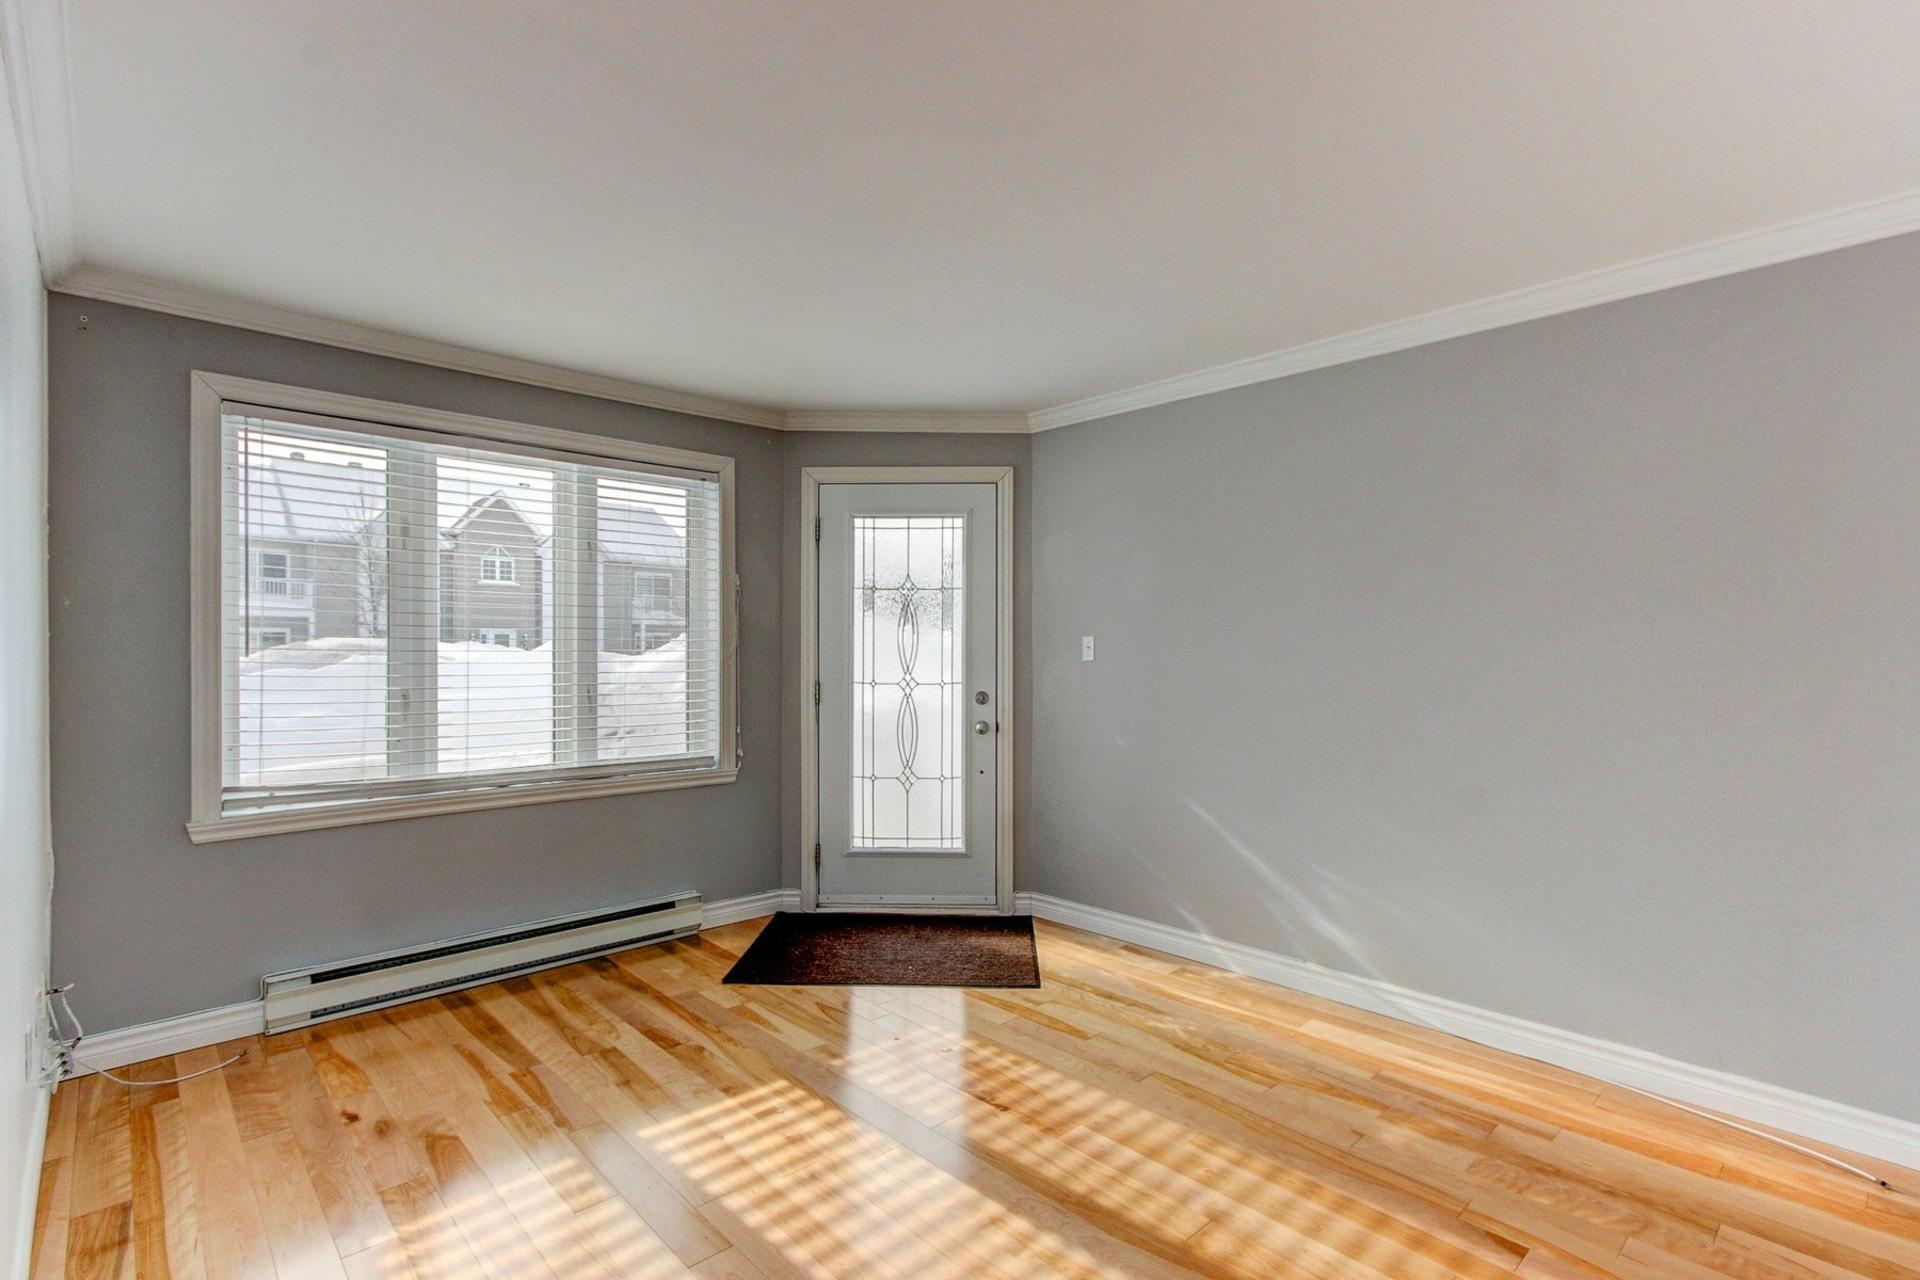 image 4 - Appartement À vendre Trois-Rivières - 6 pièces